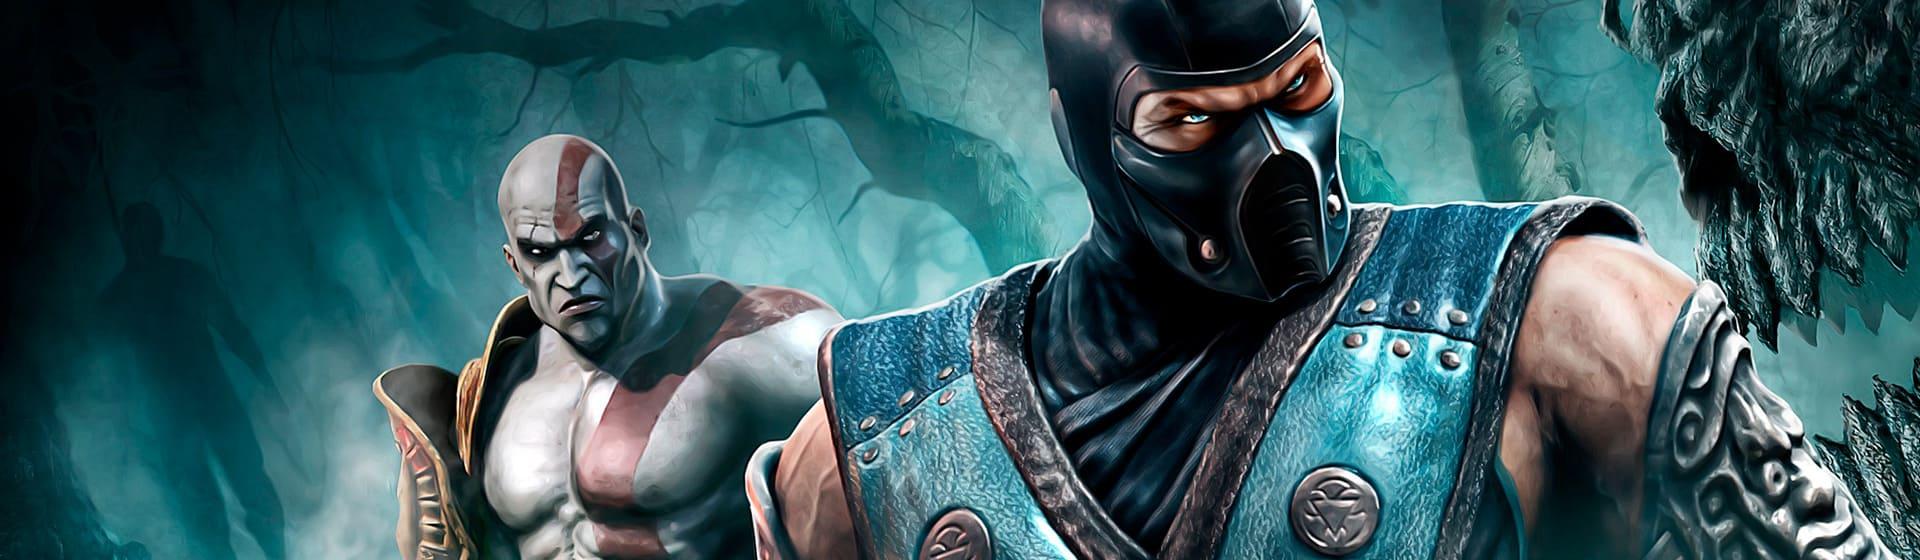 Mortal Kombat - Мерч и одежда с атрибутикой